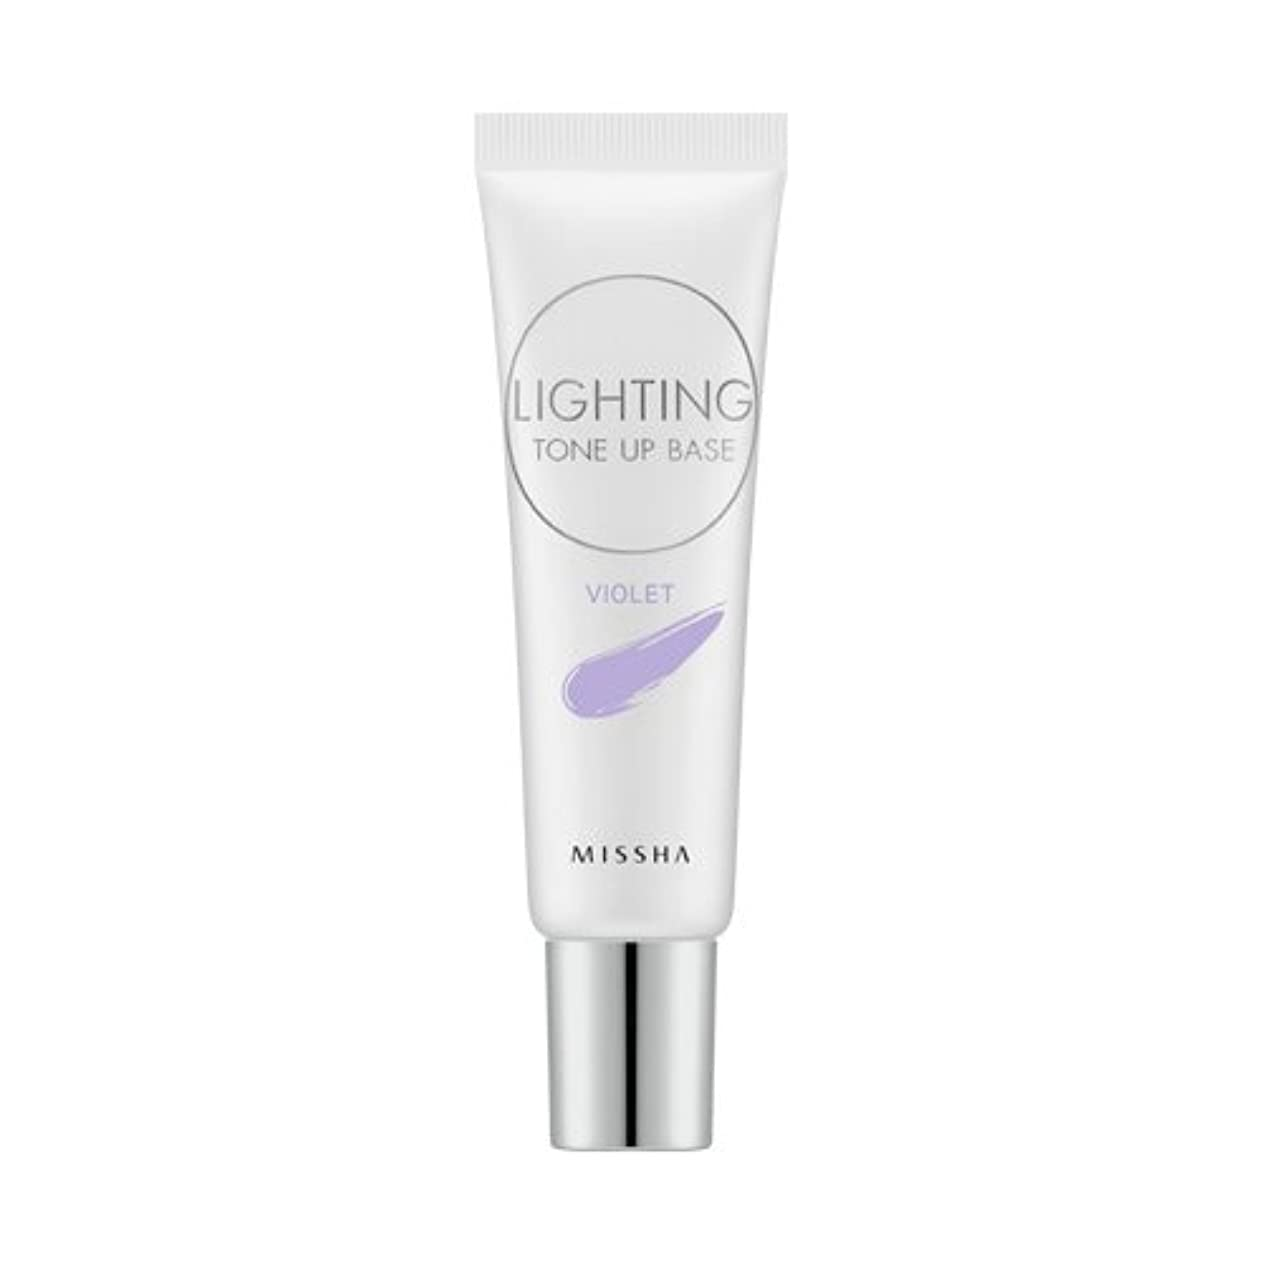 鯨失われた独立してMISSHA Lighting Tone Up Base 20ml/ミシャ ライティング トーン アップ ベース 20ml (#Violet)